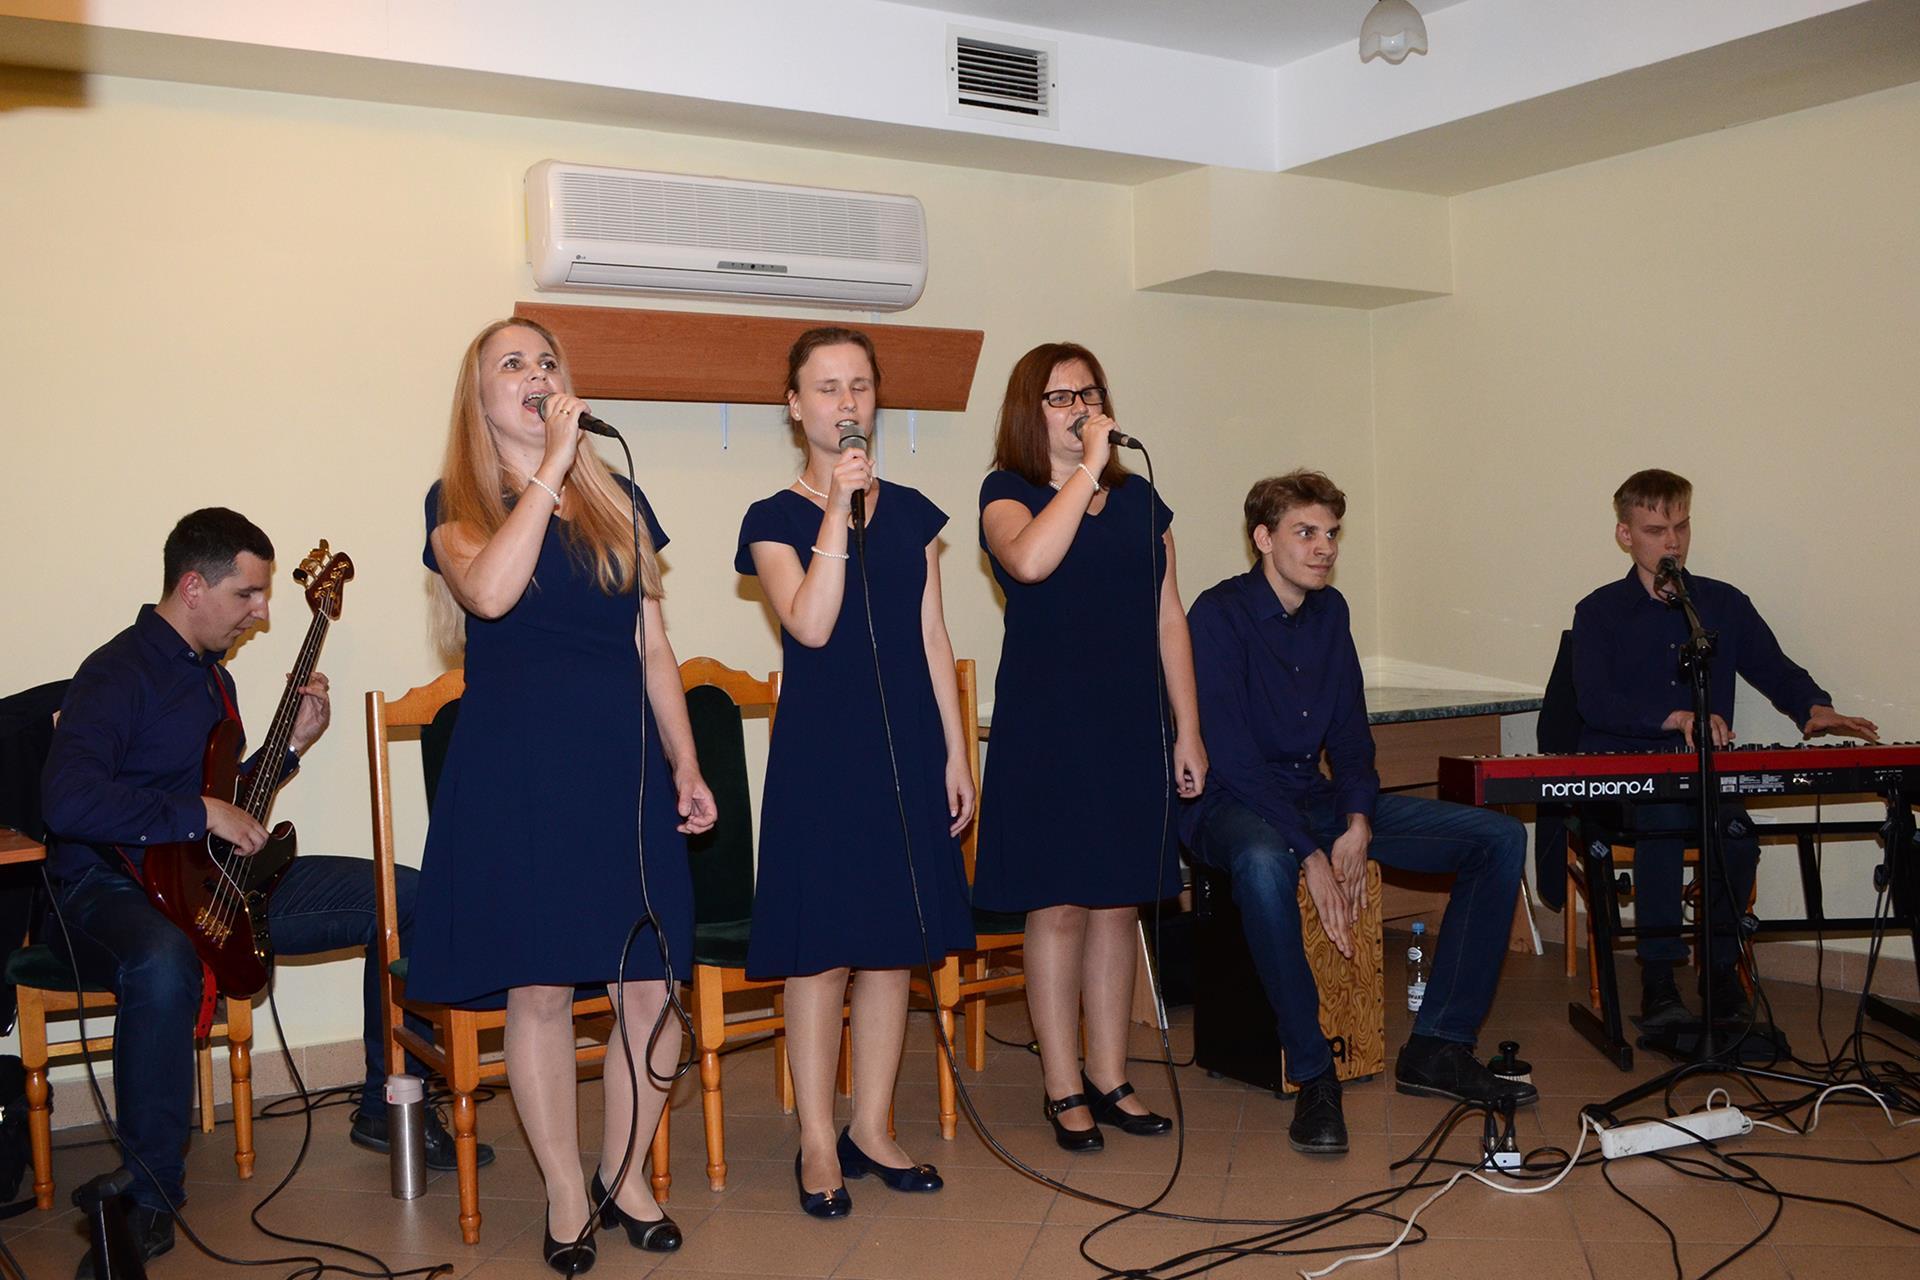 Mężczyzna siedzi, gra na basie. Trzy kobiety stoją, śpiewają. Obok, po ich lewej stronie, drugi mężczyzna gra na cajonie, a trzeci na pianinie elektrycznym.